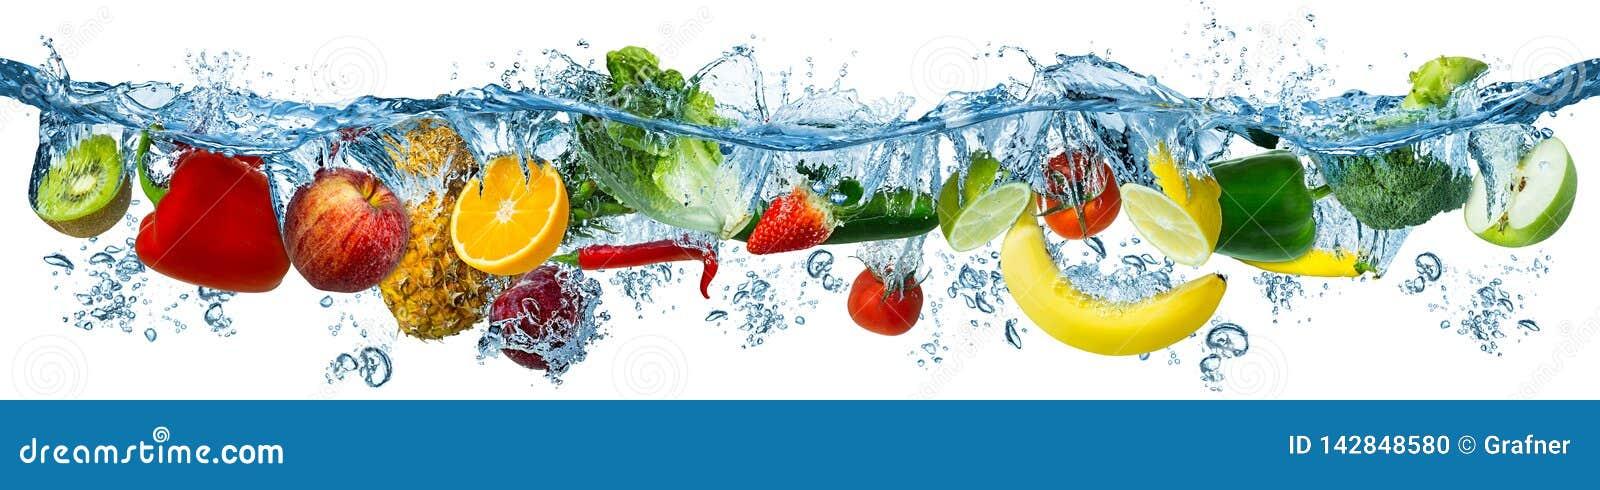 新鲜的多飞溅入蓝色清楚的水飞溅健康食品饮食生气勃勃概念的水果和蔬菜隔绝了白色